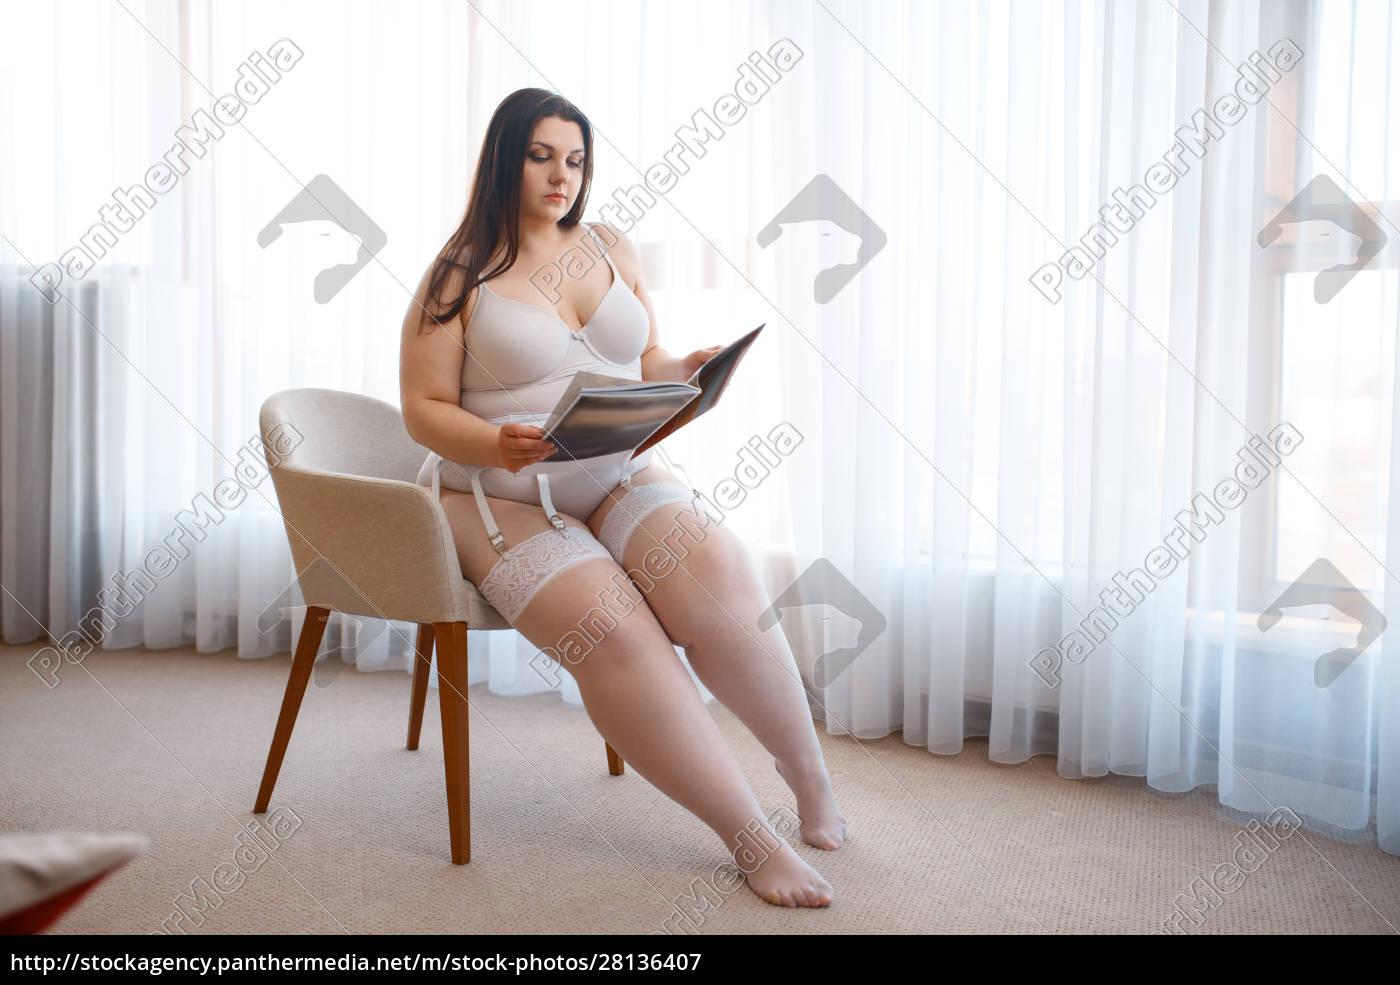 Übergewichtige, verdorbene, frau, mit, magazin-posen, im - 28136407